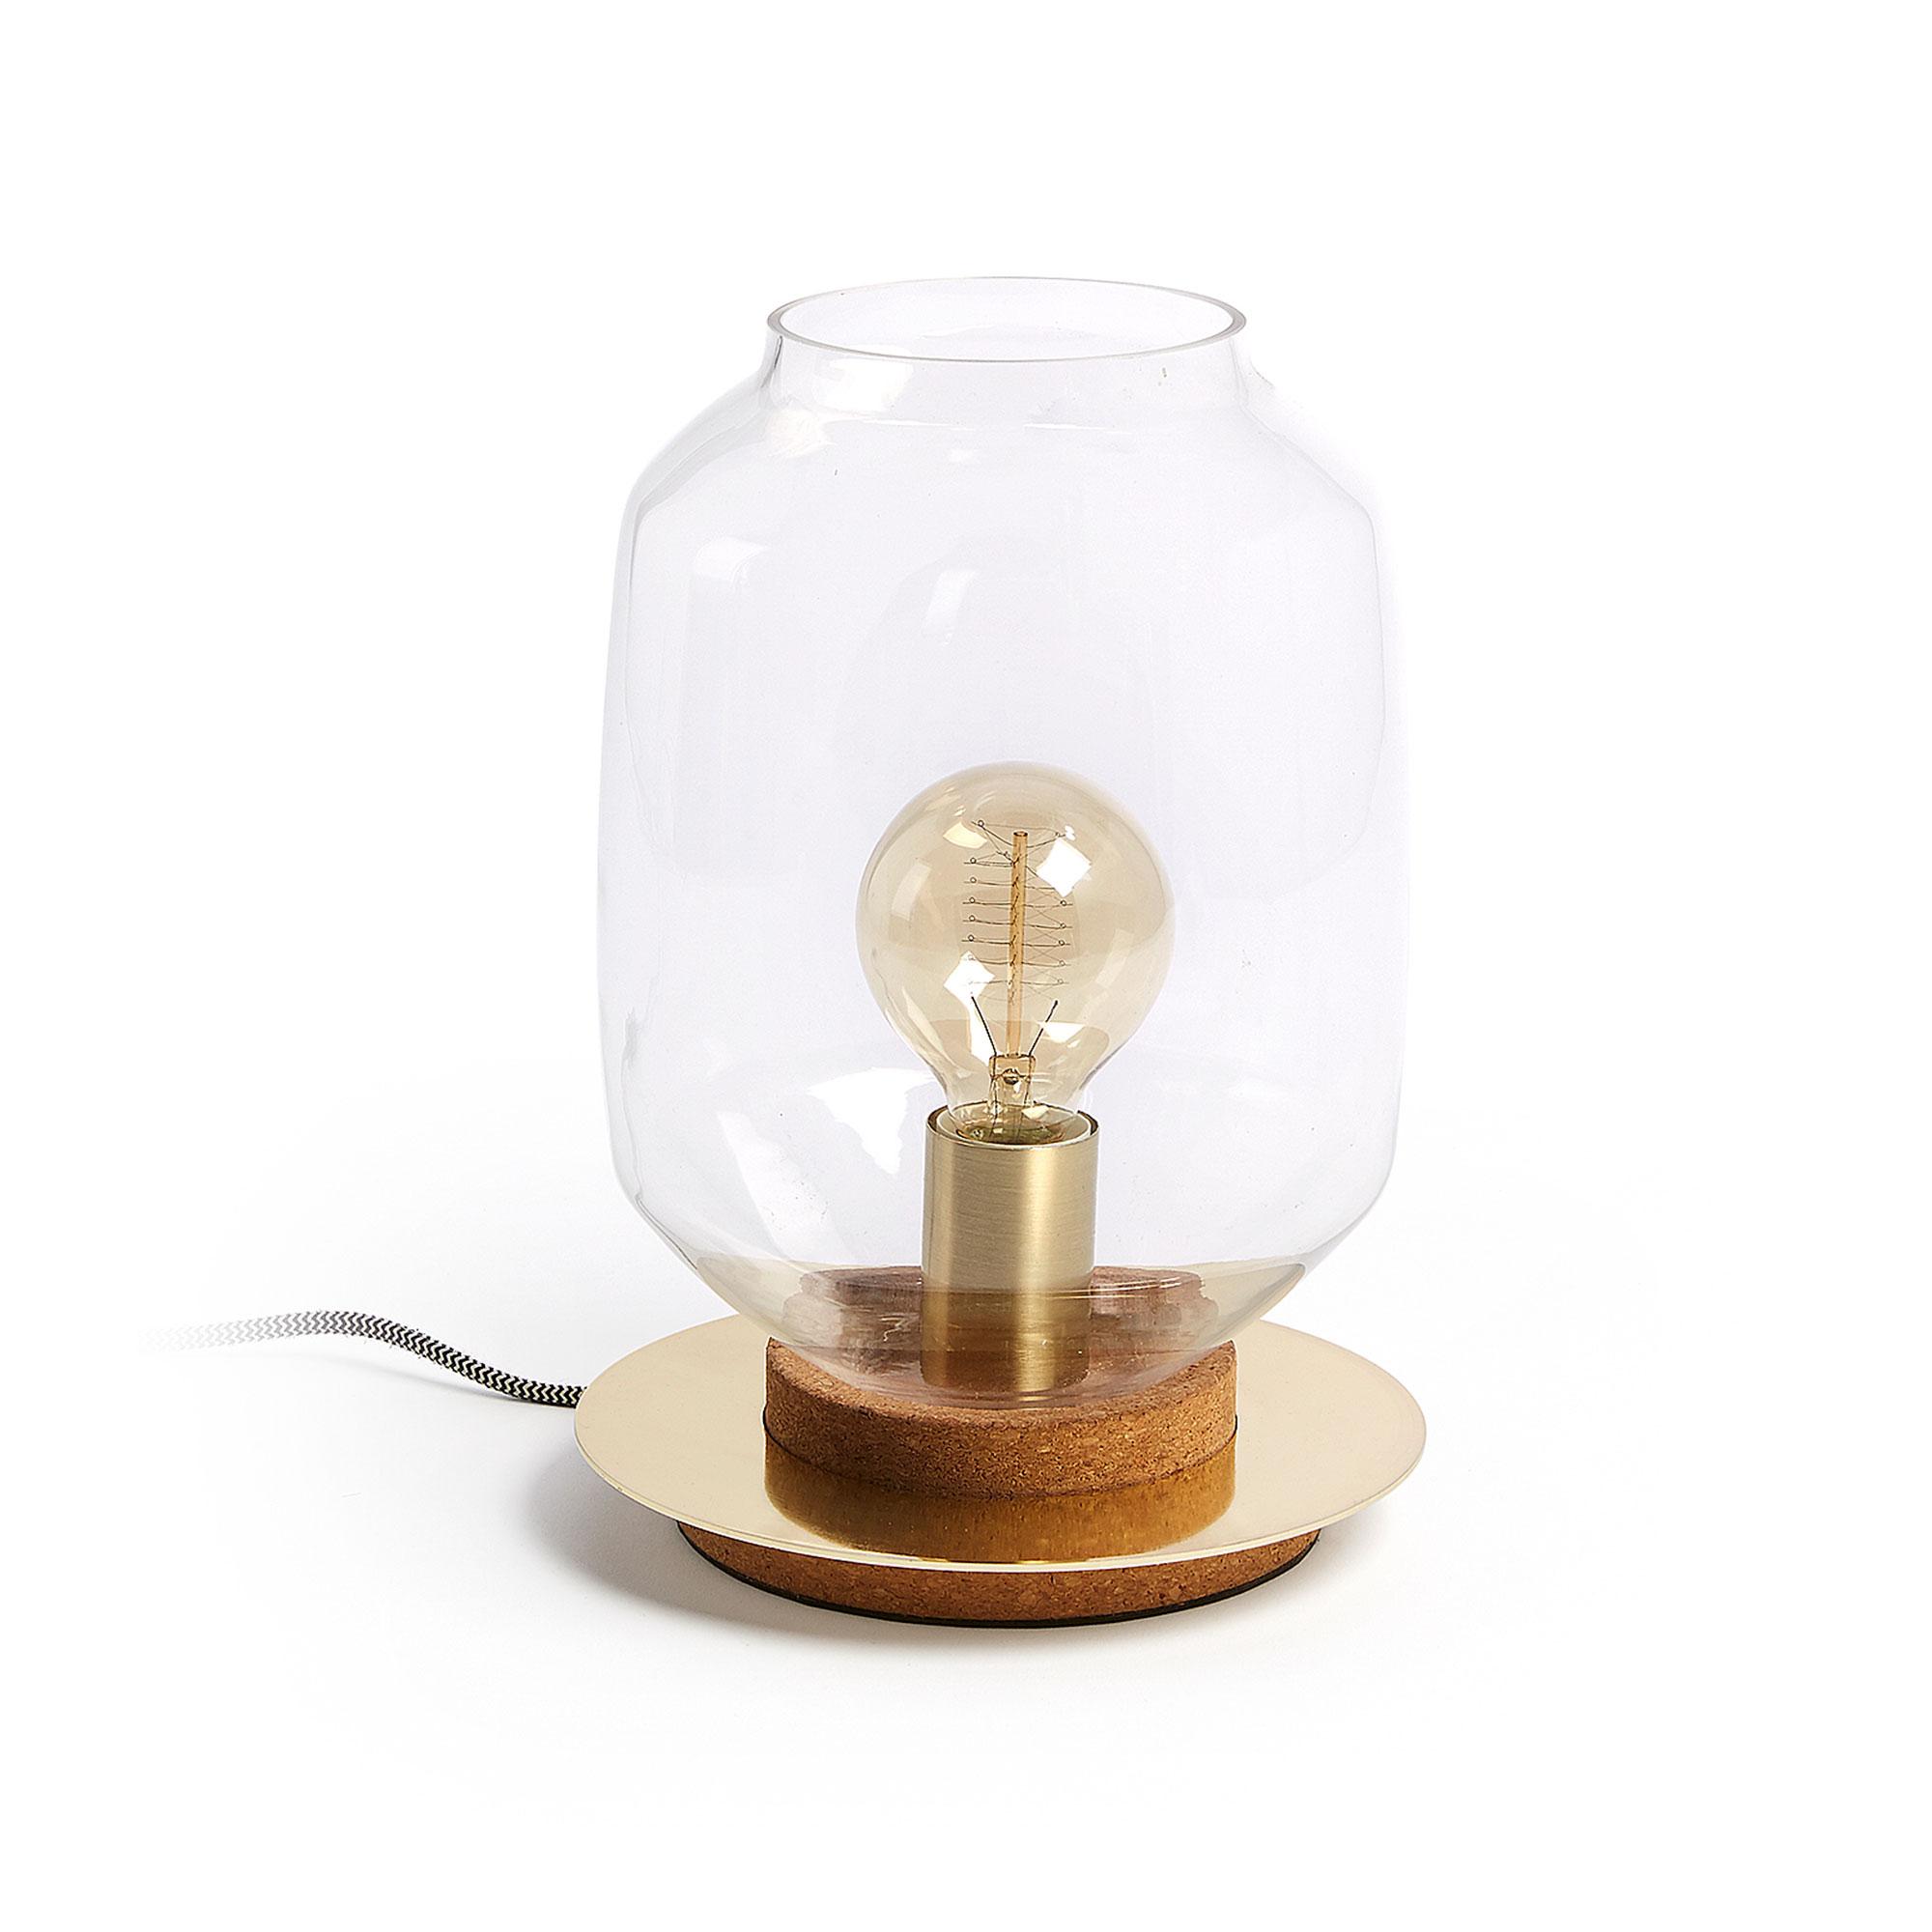 laforma Laforma mery bordlampe - messing/klar metal/glas, rund (ø19) på boboonline.dk